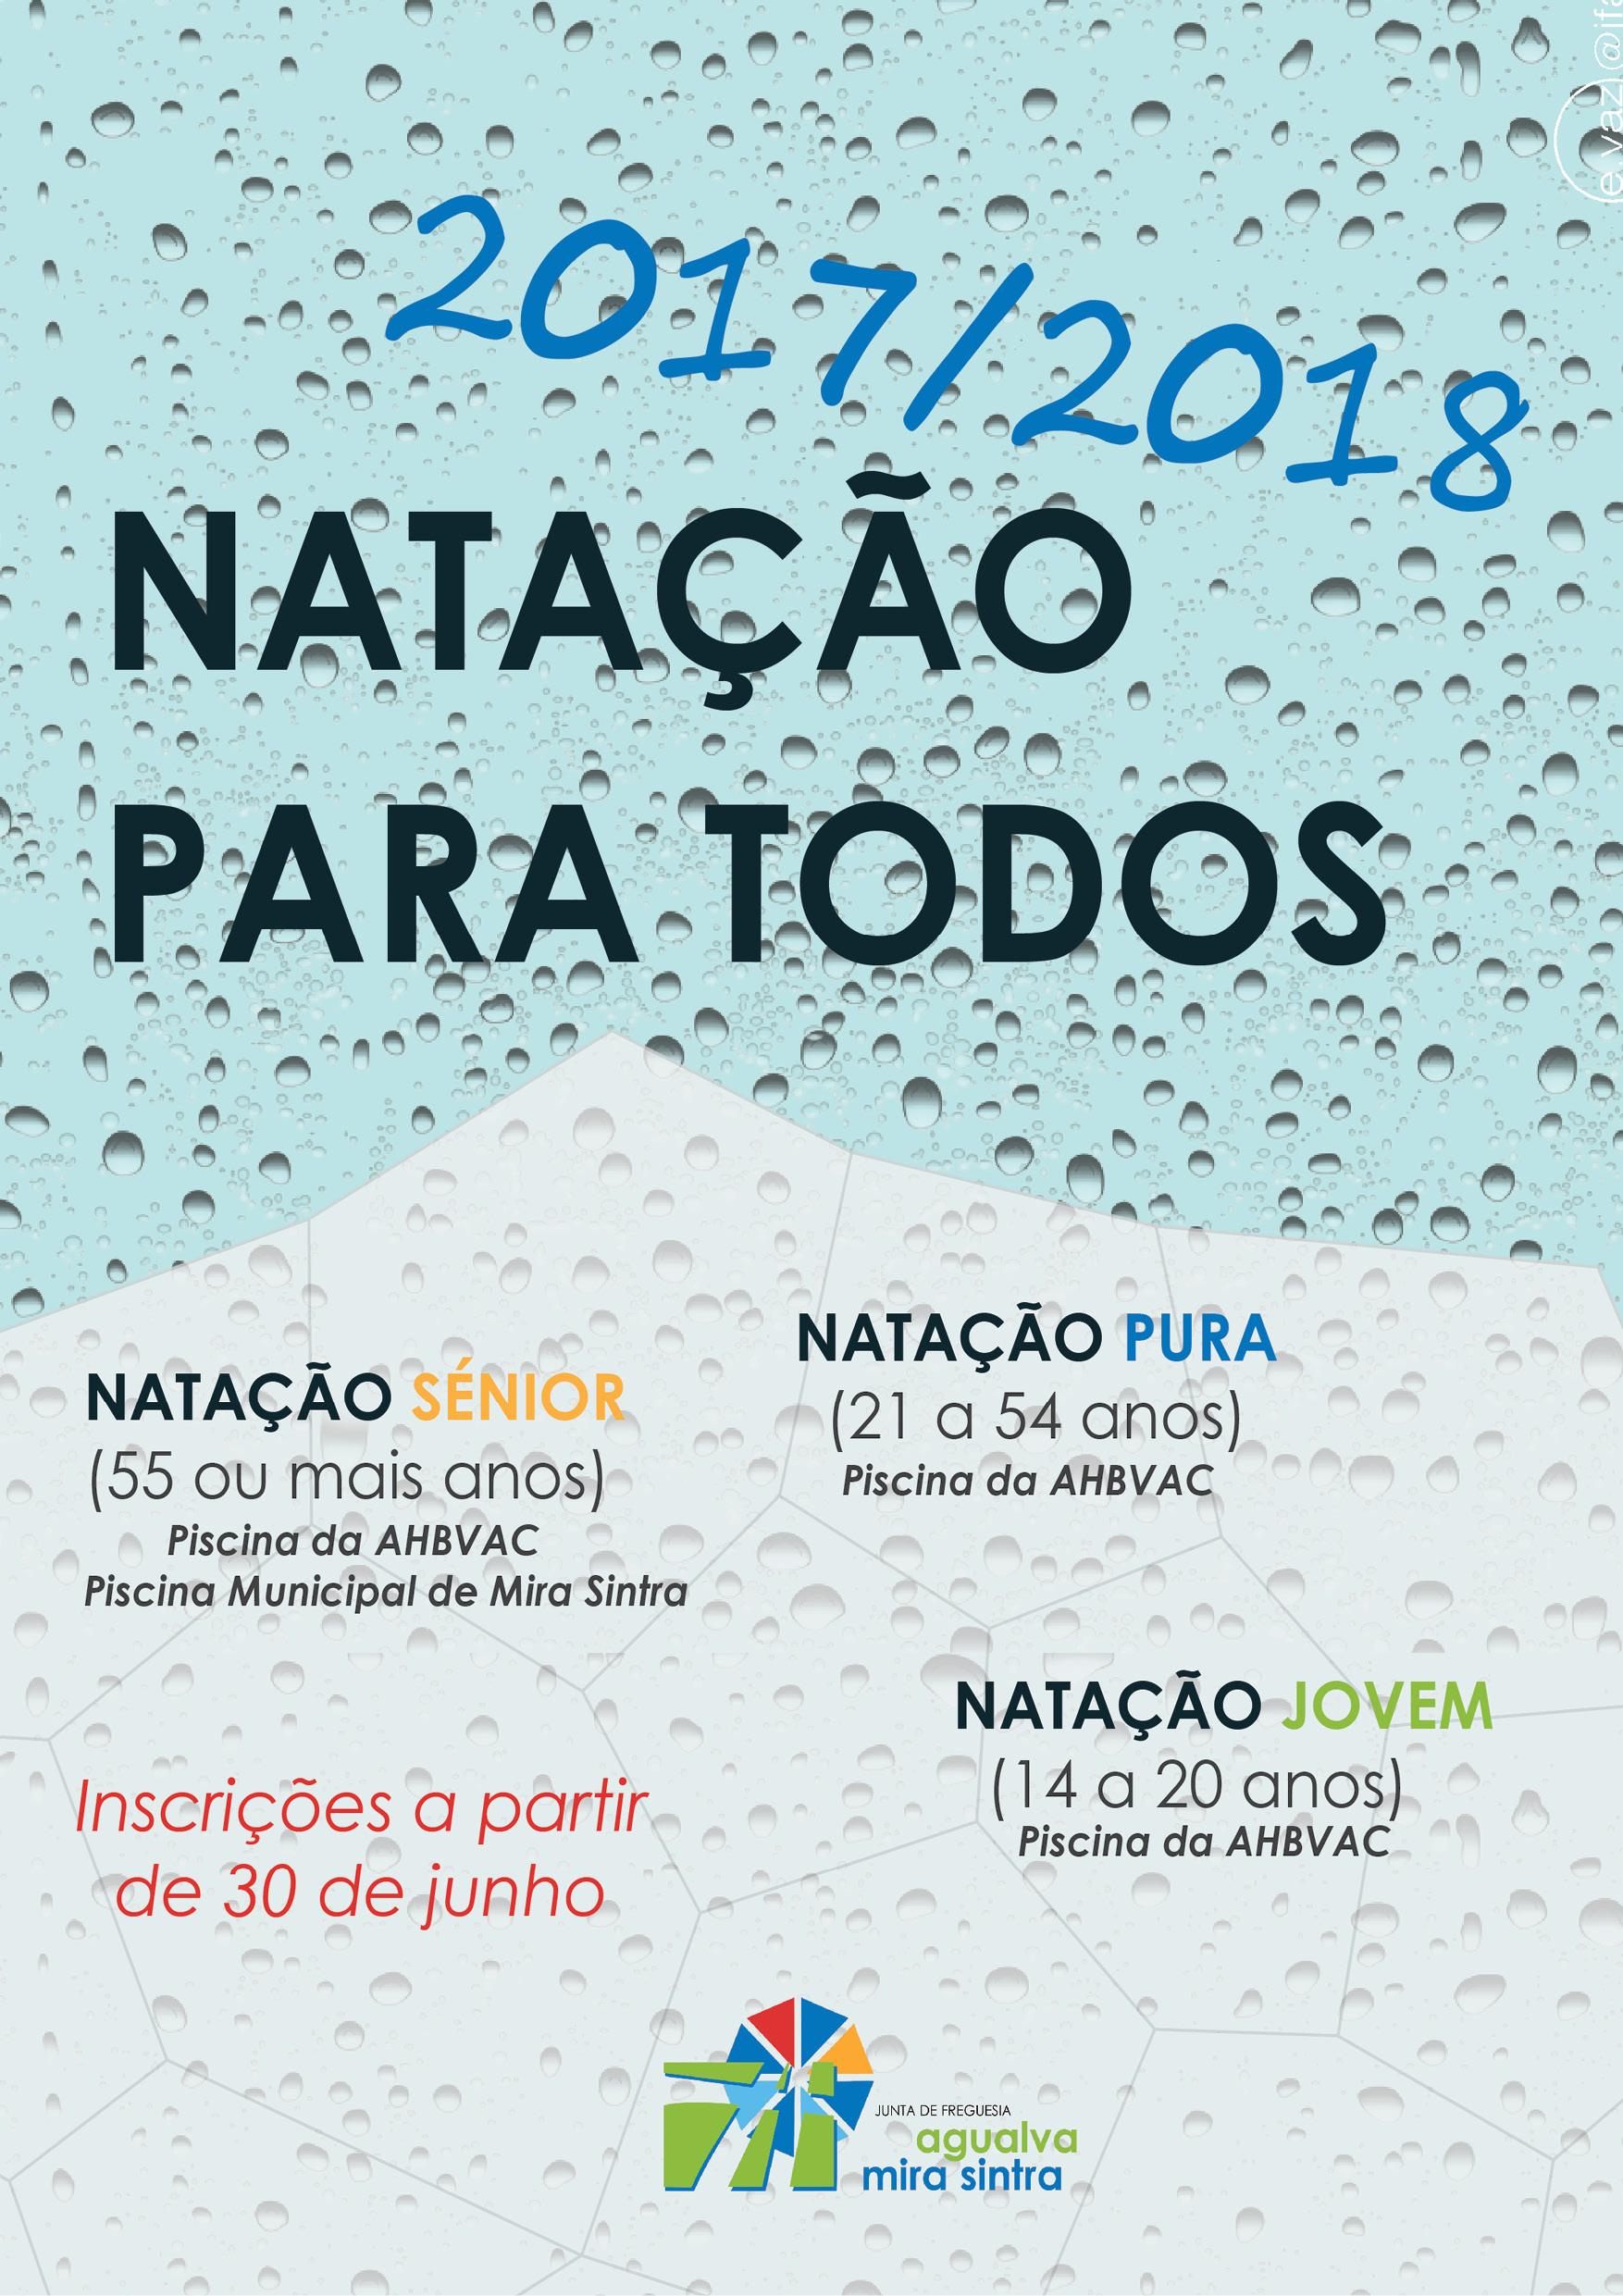 Hidroginástica / Natação 2017-2018